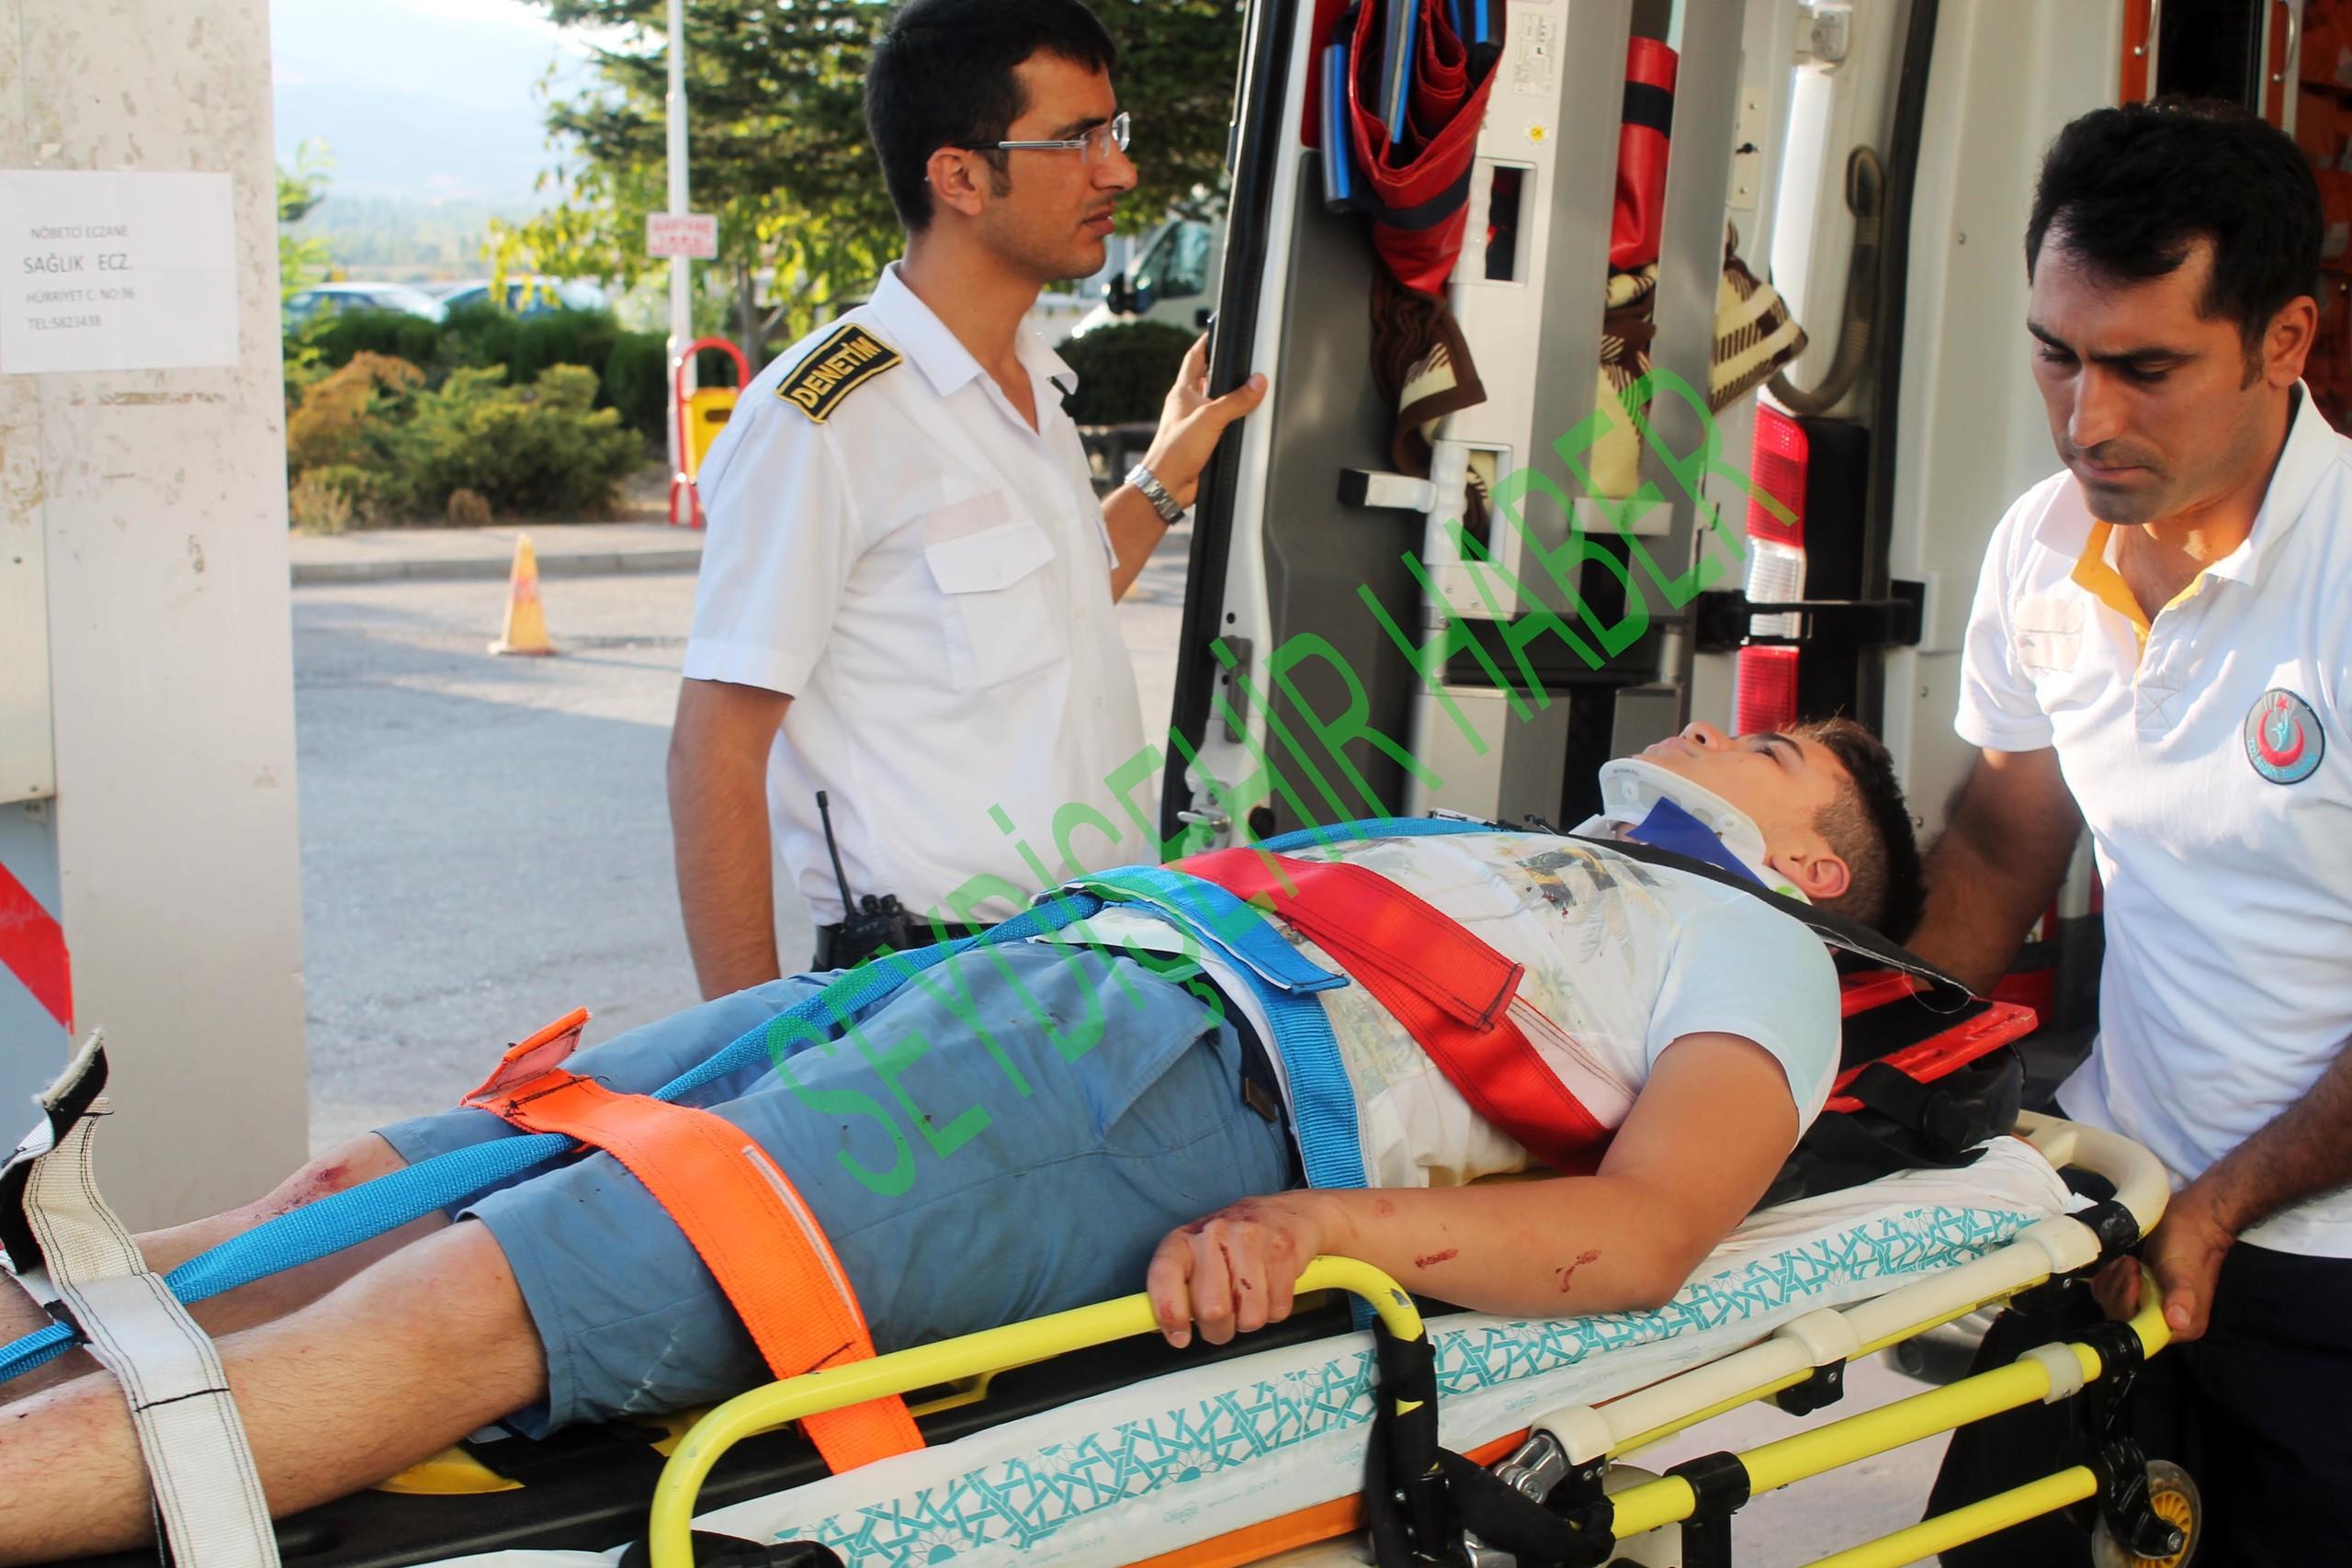 Seydişehir Trafik Kazası 4 YaralıVar